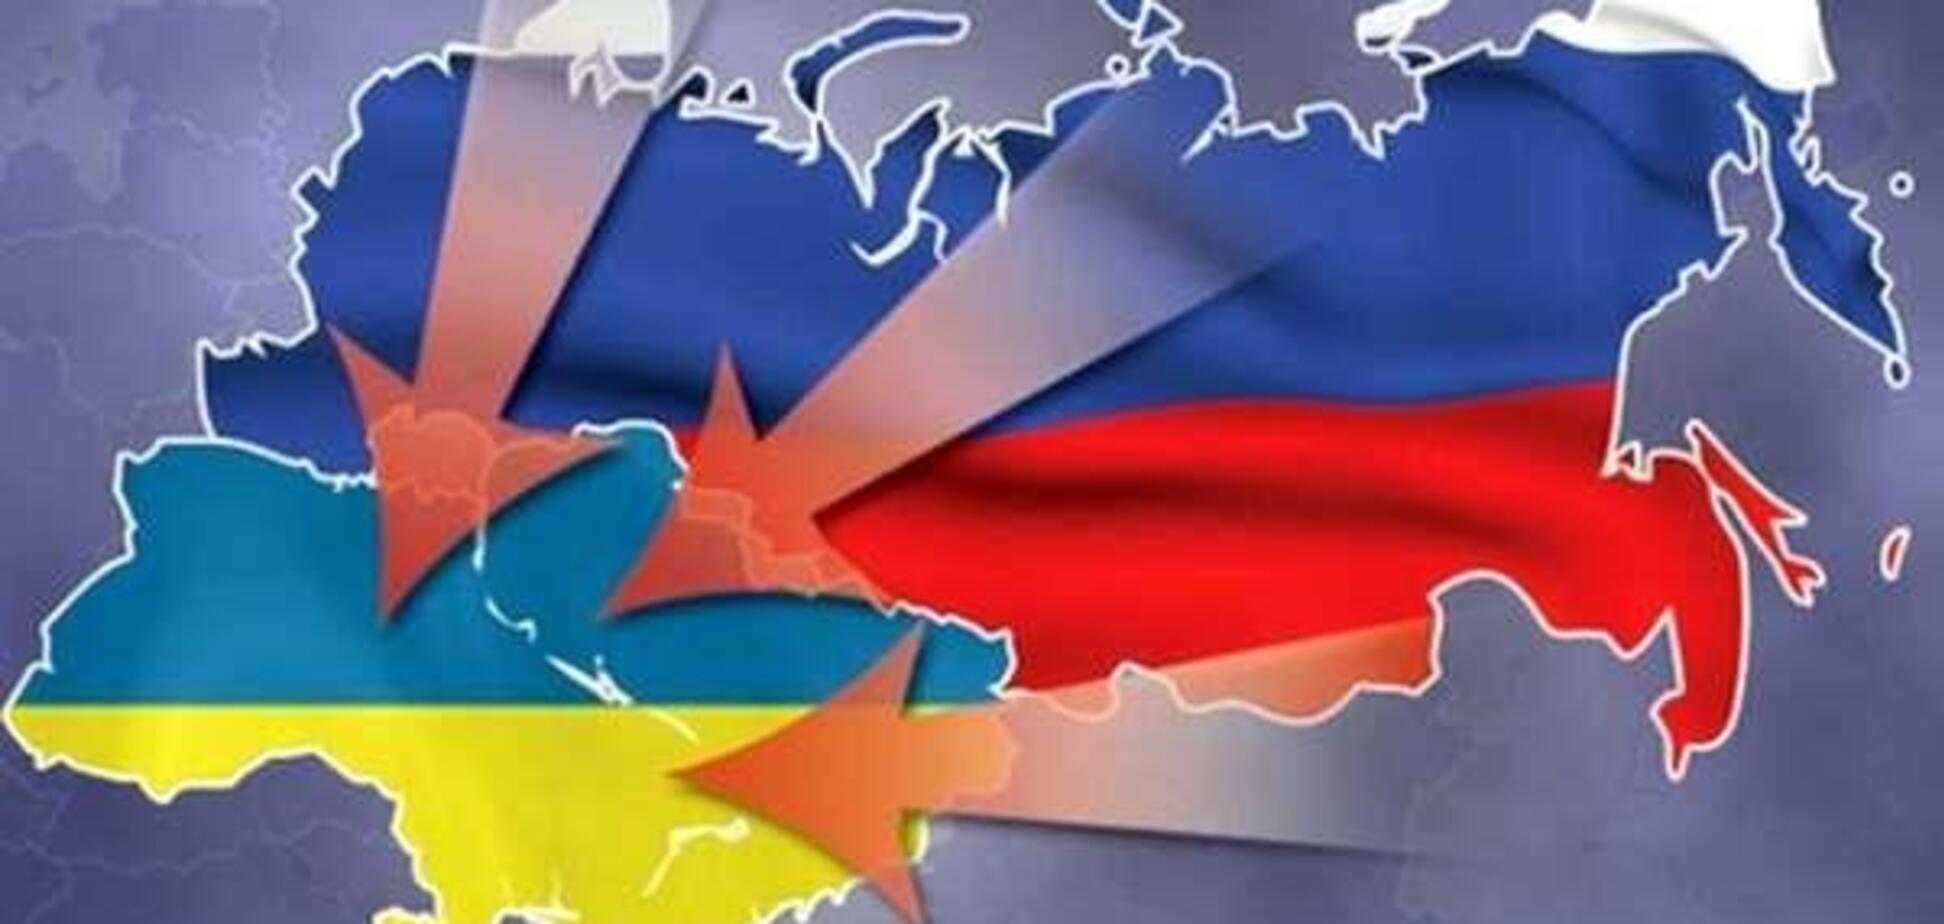 ''Почнеться велика війна'': Росію запідозрили у підготовці наступу на Україну